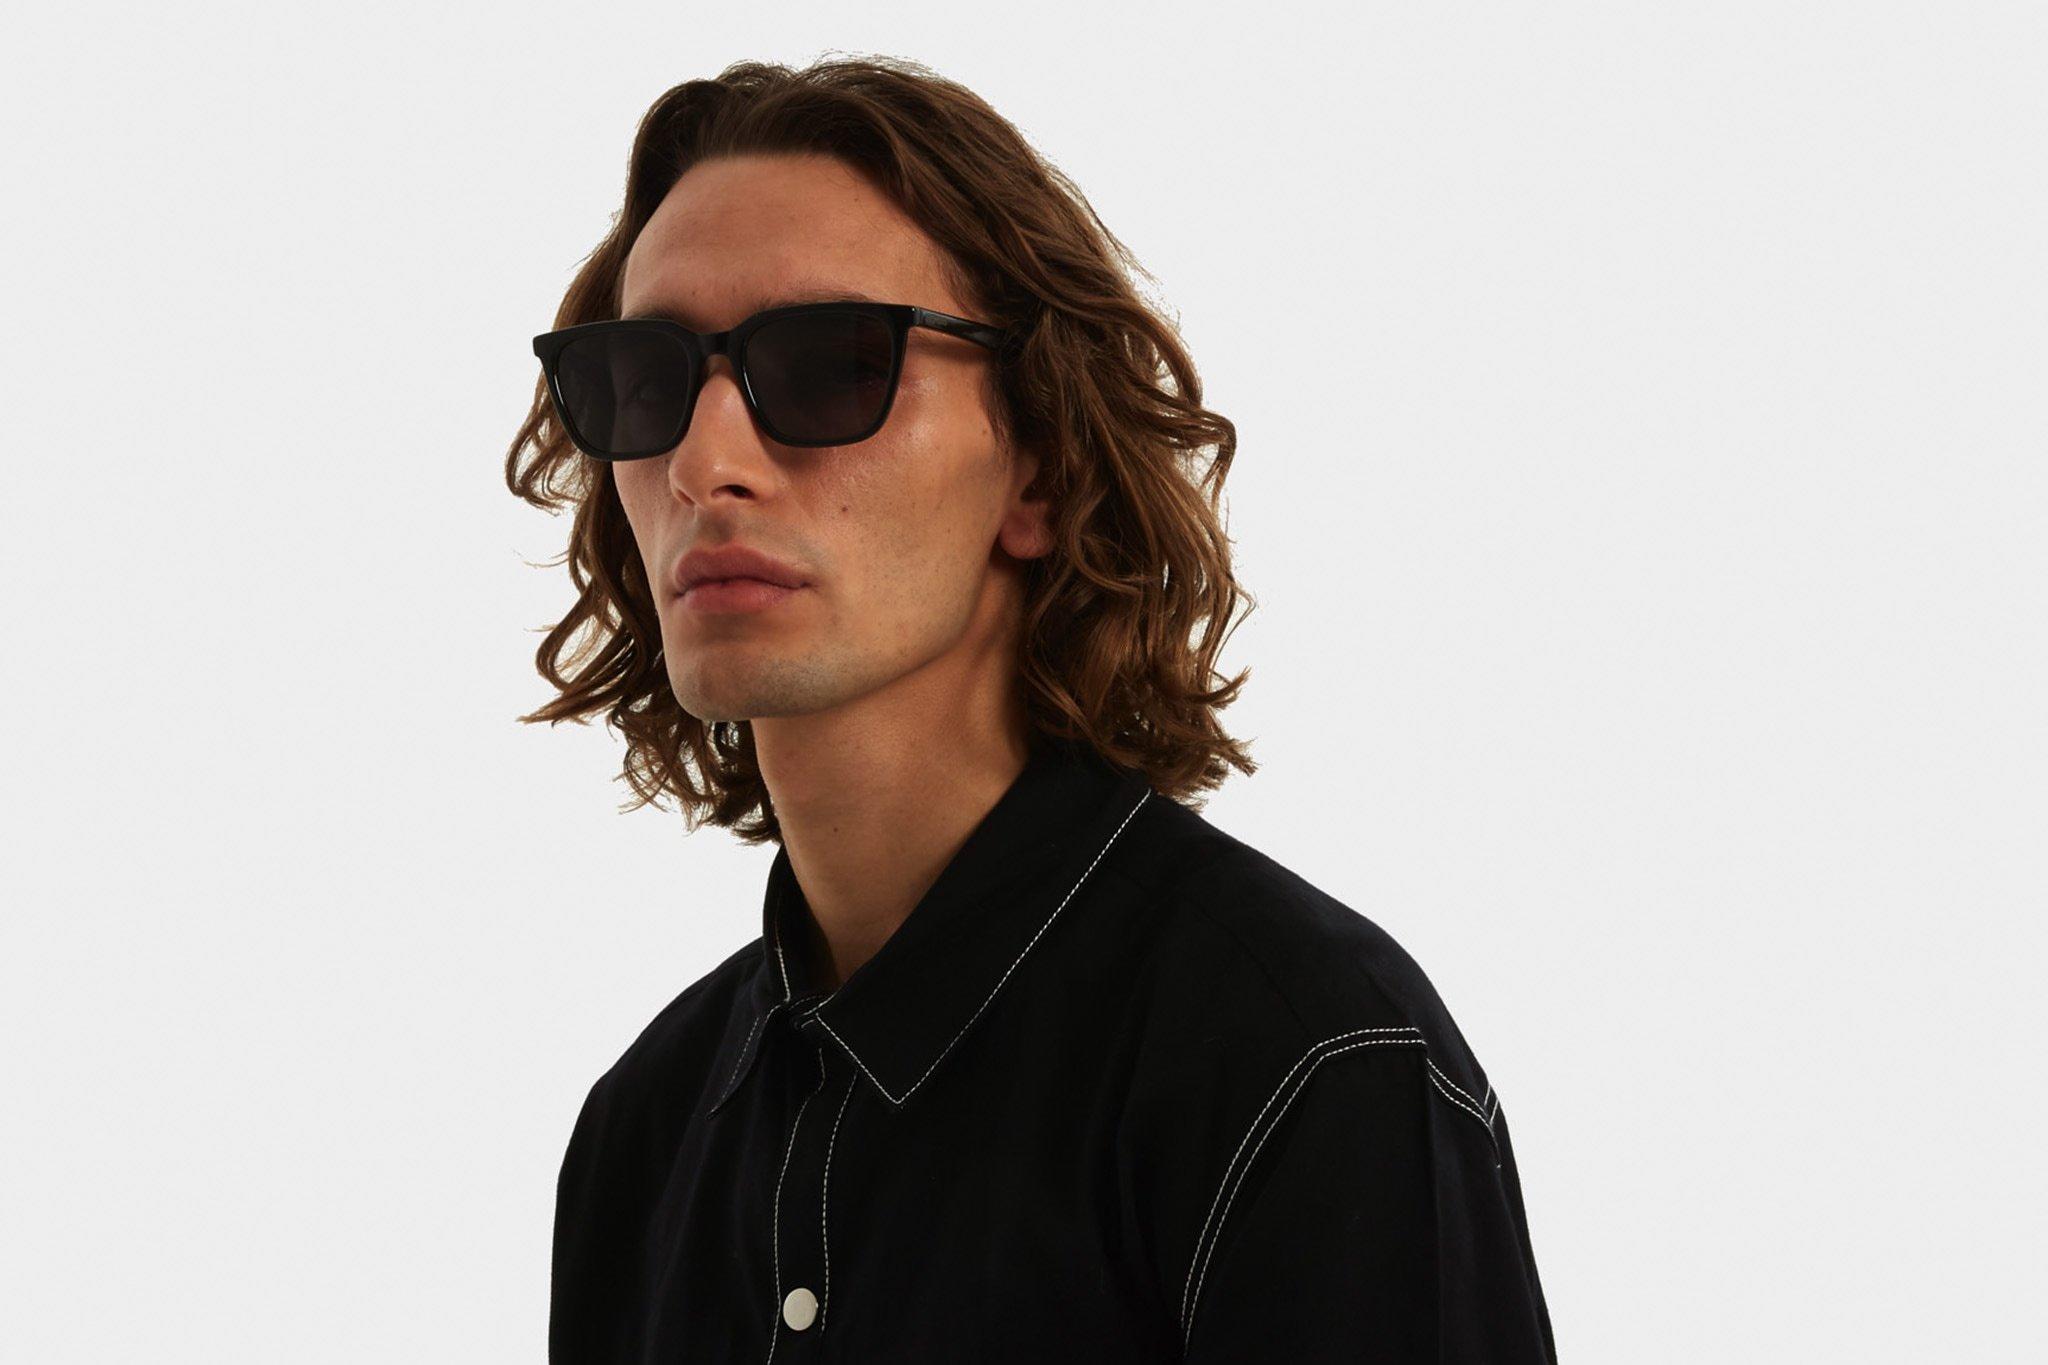 Κοκάλινα unisex γυαλιά ηλίου Jay σε σκουρόχρωμη καφέ ταρταρούγα και σκούρους γκρι φακούς της εταιρίας Komonoγια όλα τα πρόσωπα.